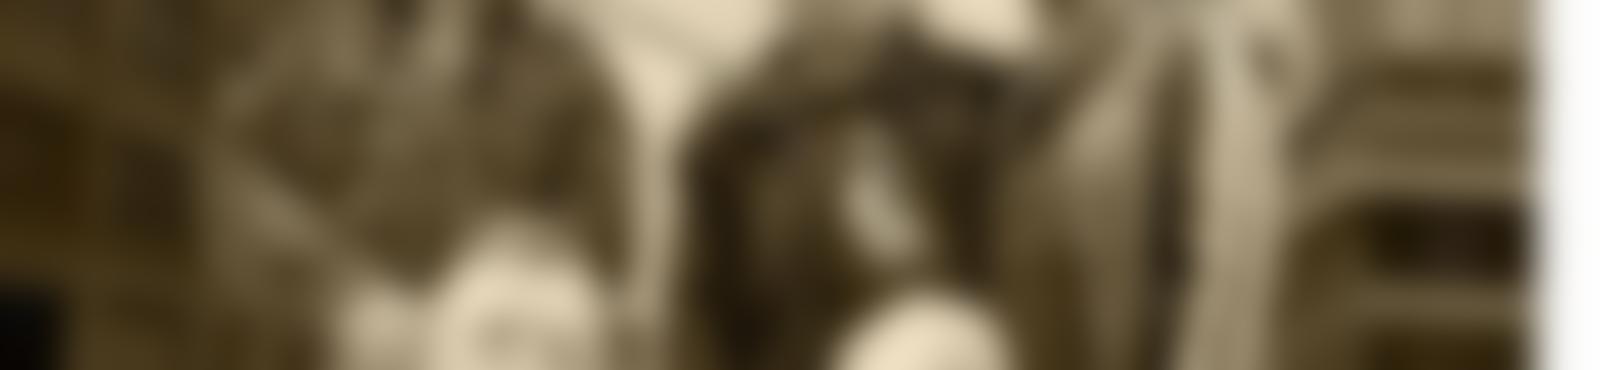 Blurred 507e42f2 263b 4037 bcad da051af710c6